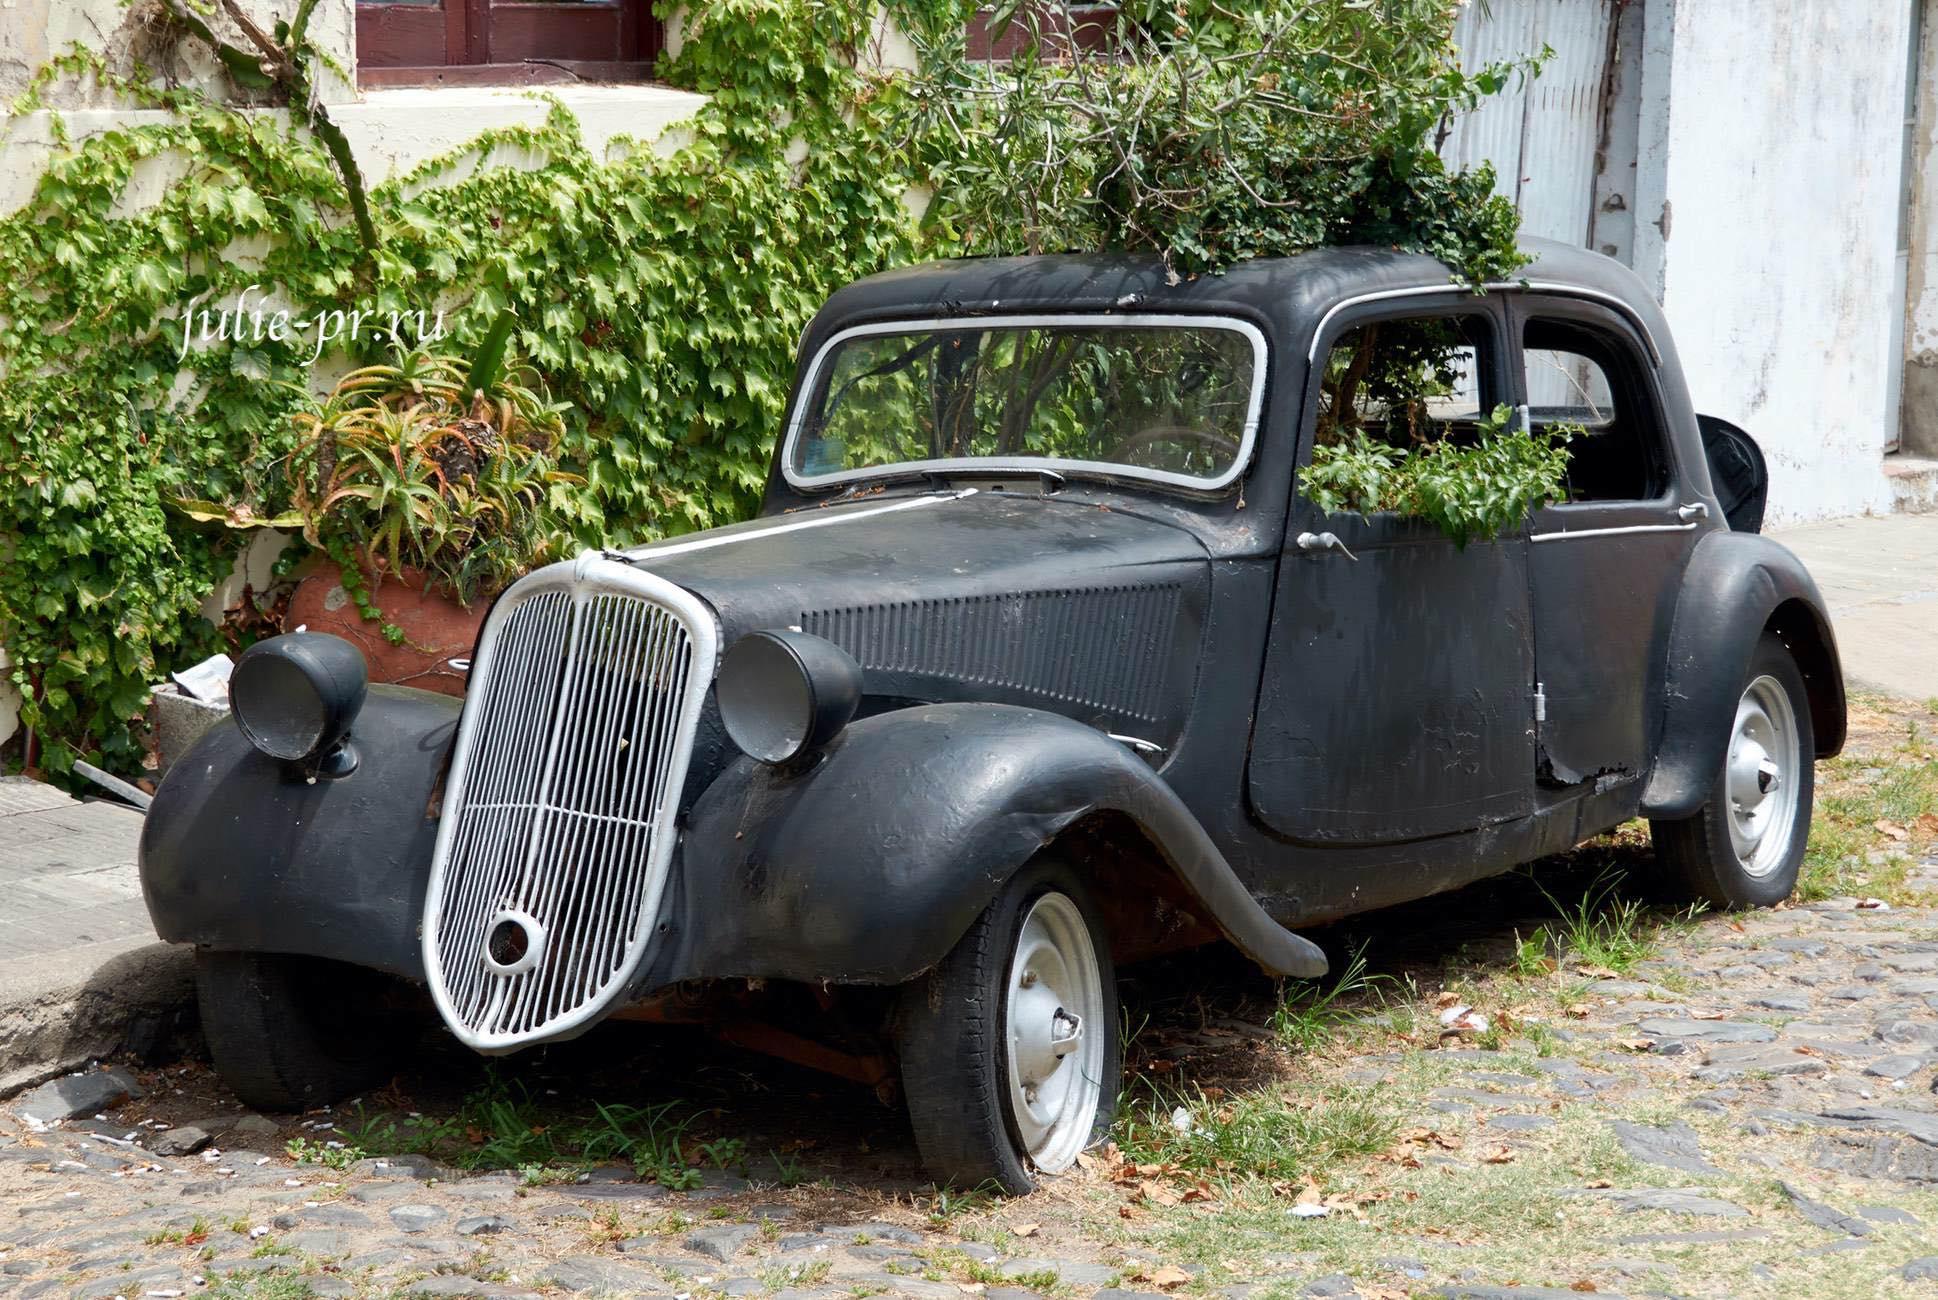 Уругвай, Колония-дель-Сакраменто, Старый автомобиль